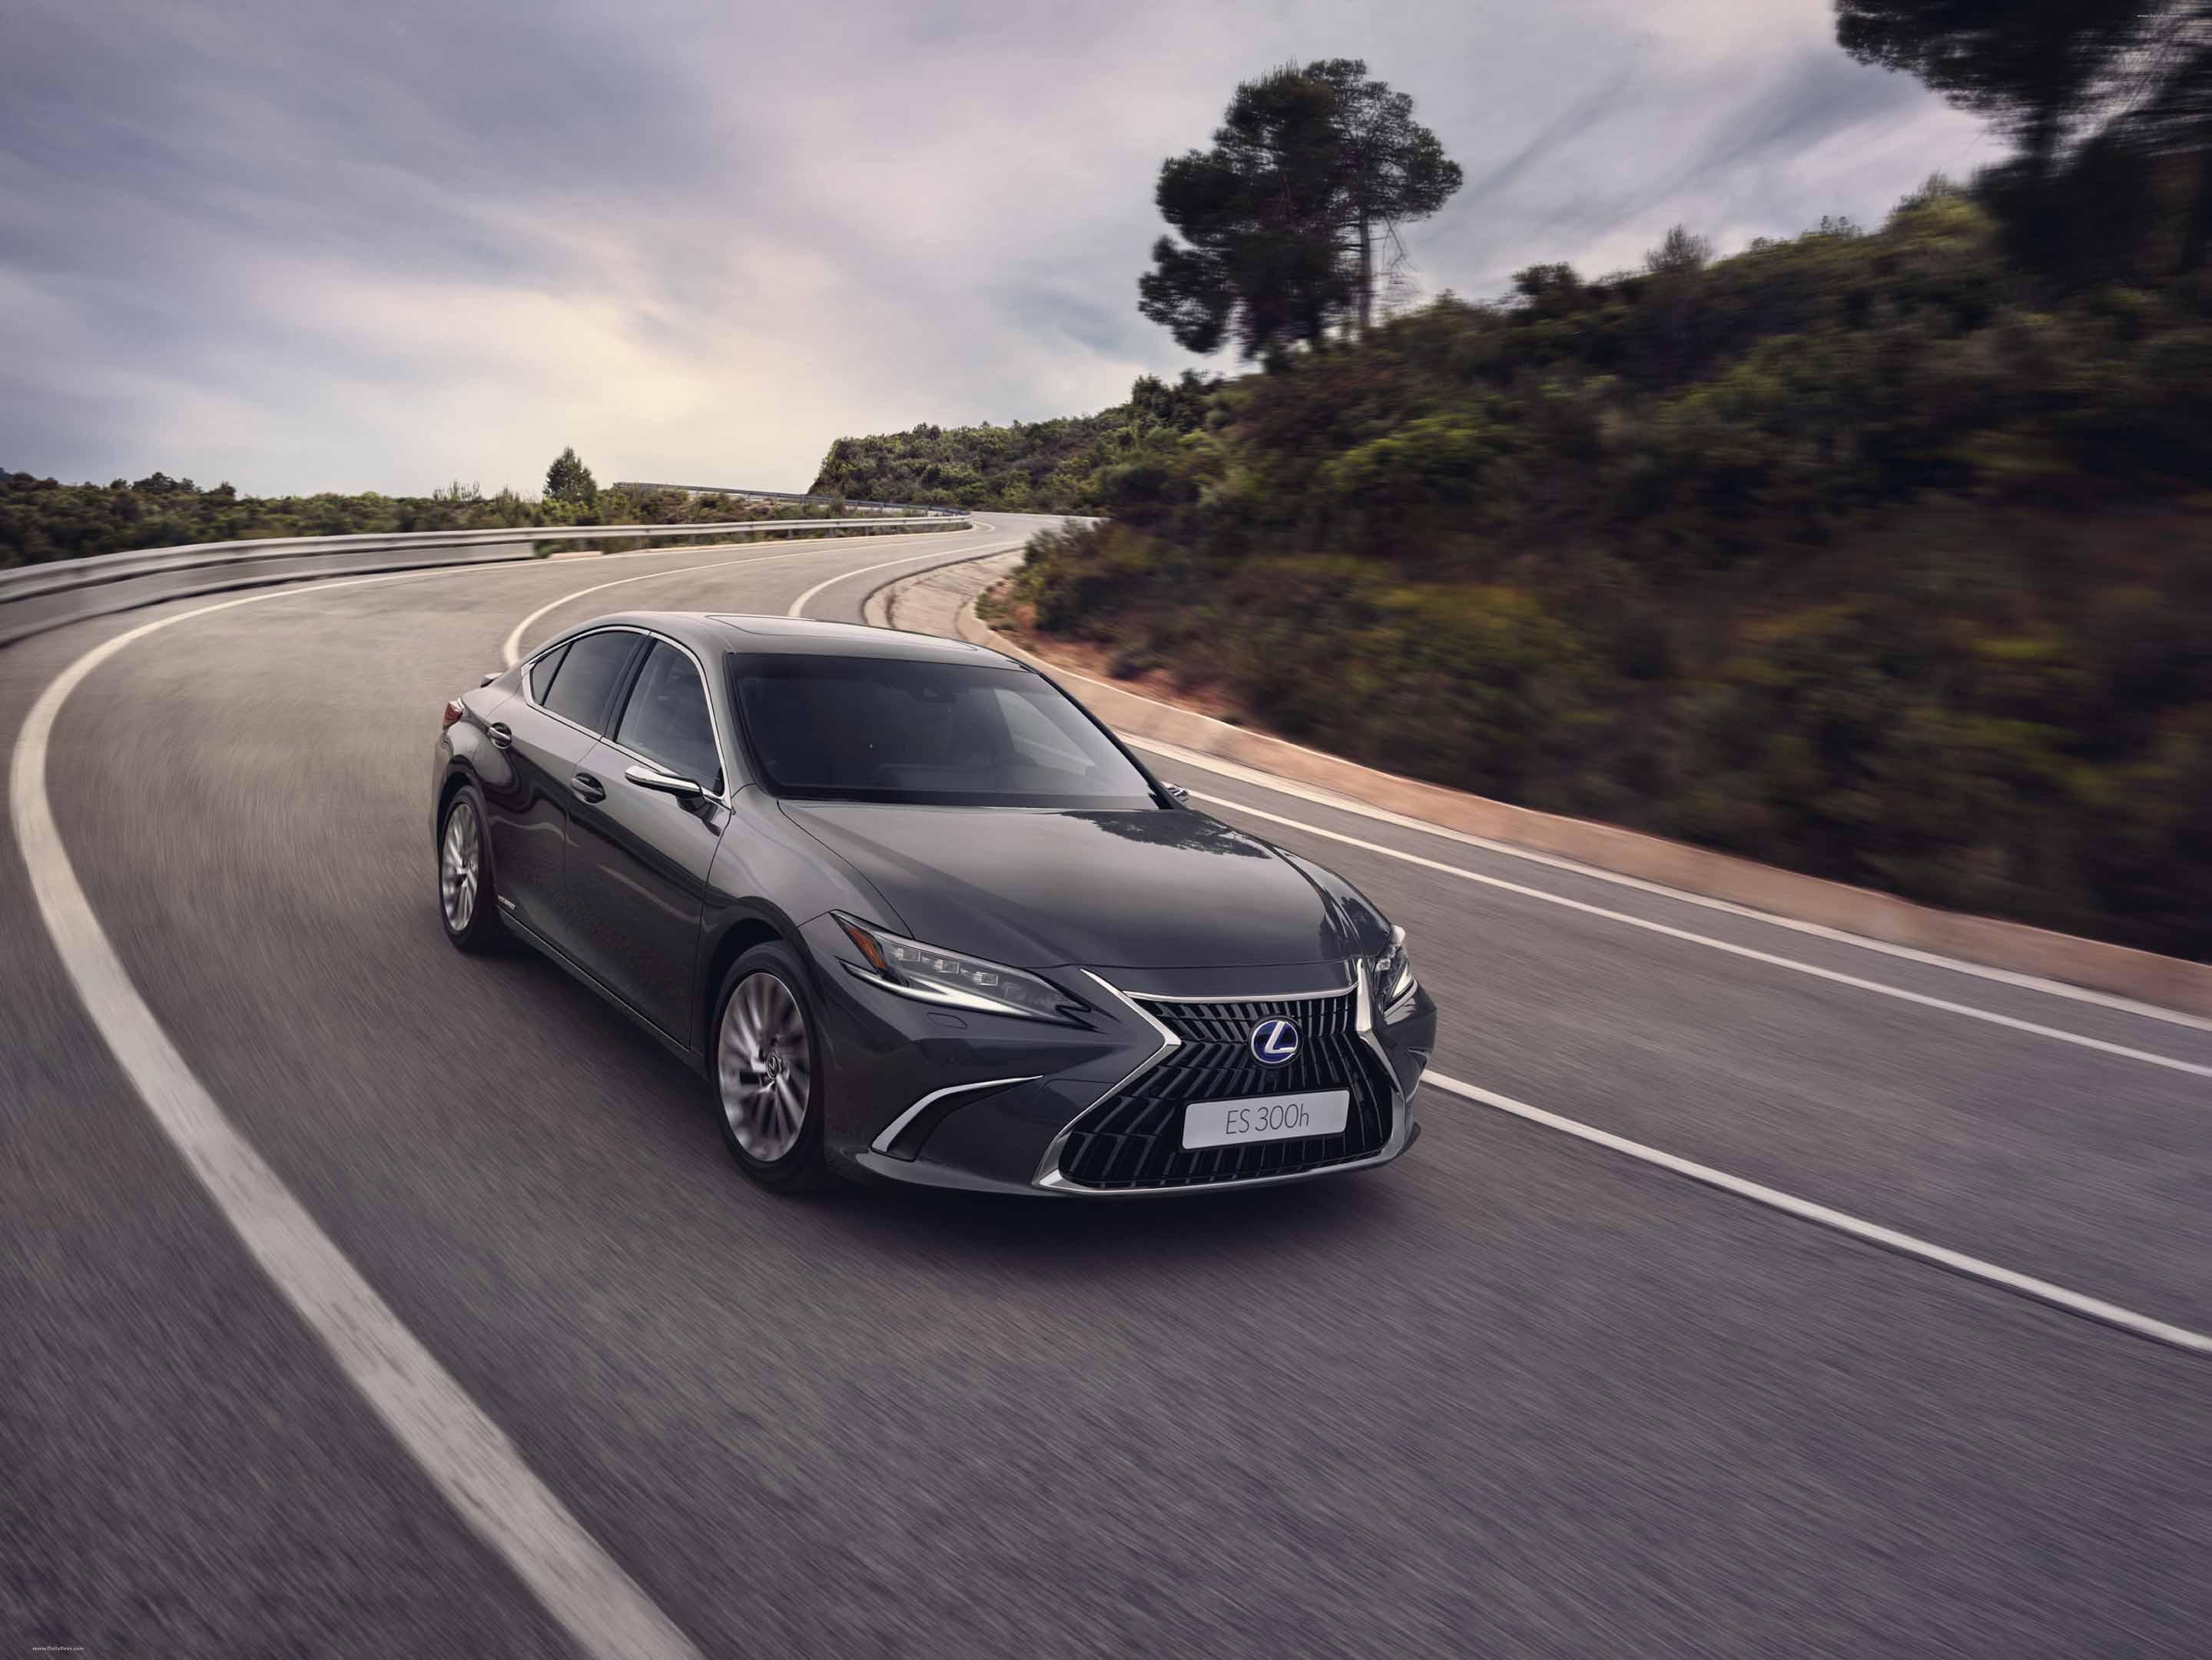 2022 Lexus ES 300h full